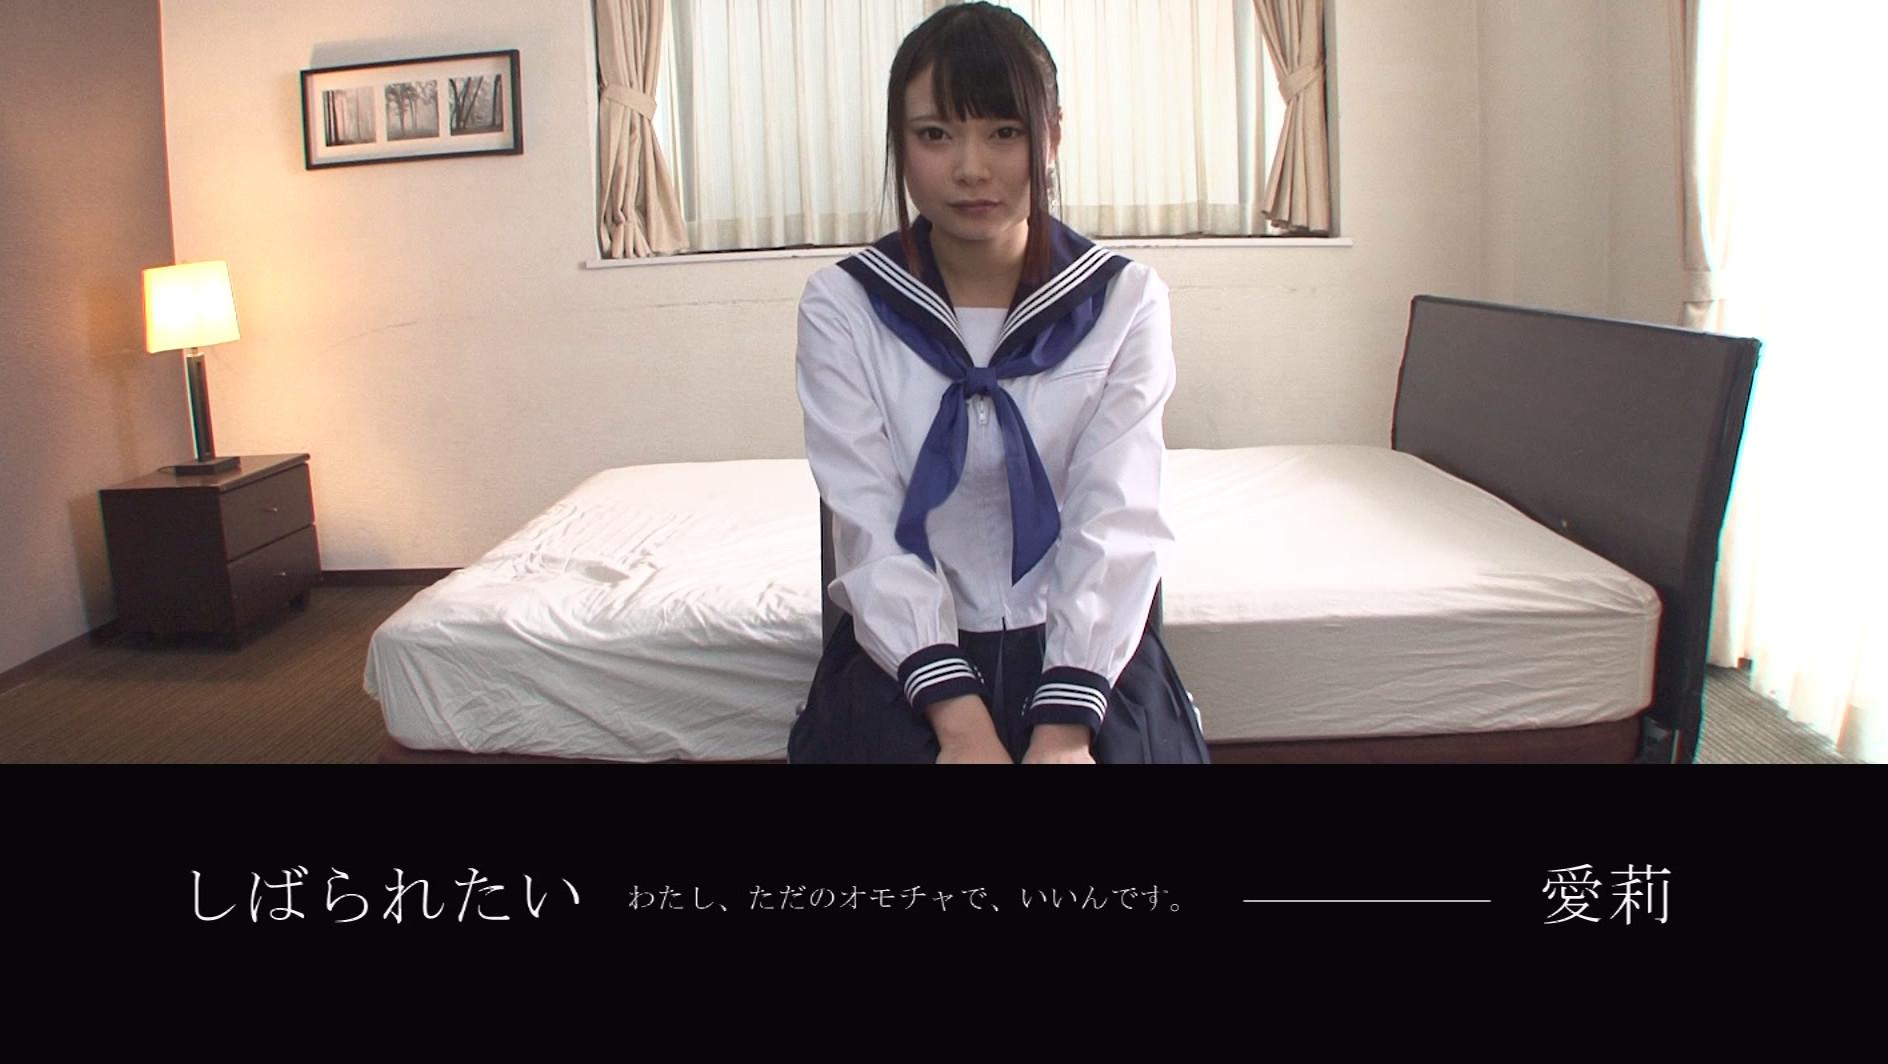 美咲礼 SUVD-005 人妻の秘密 エロ動画 アダルト動画 - のぞき穴